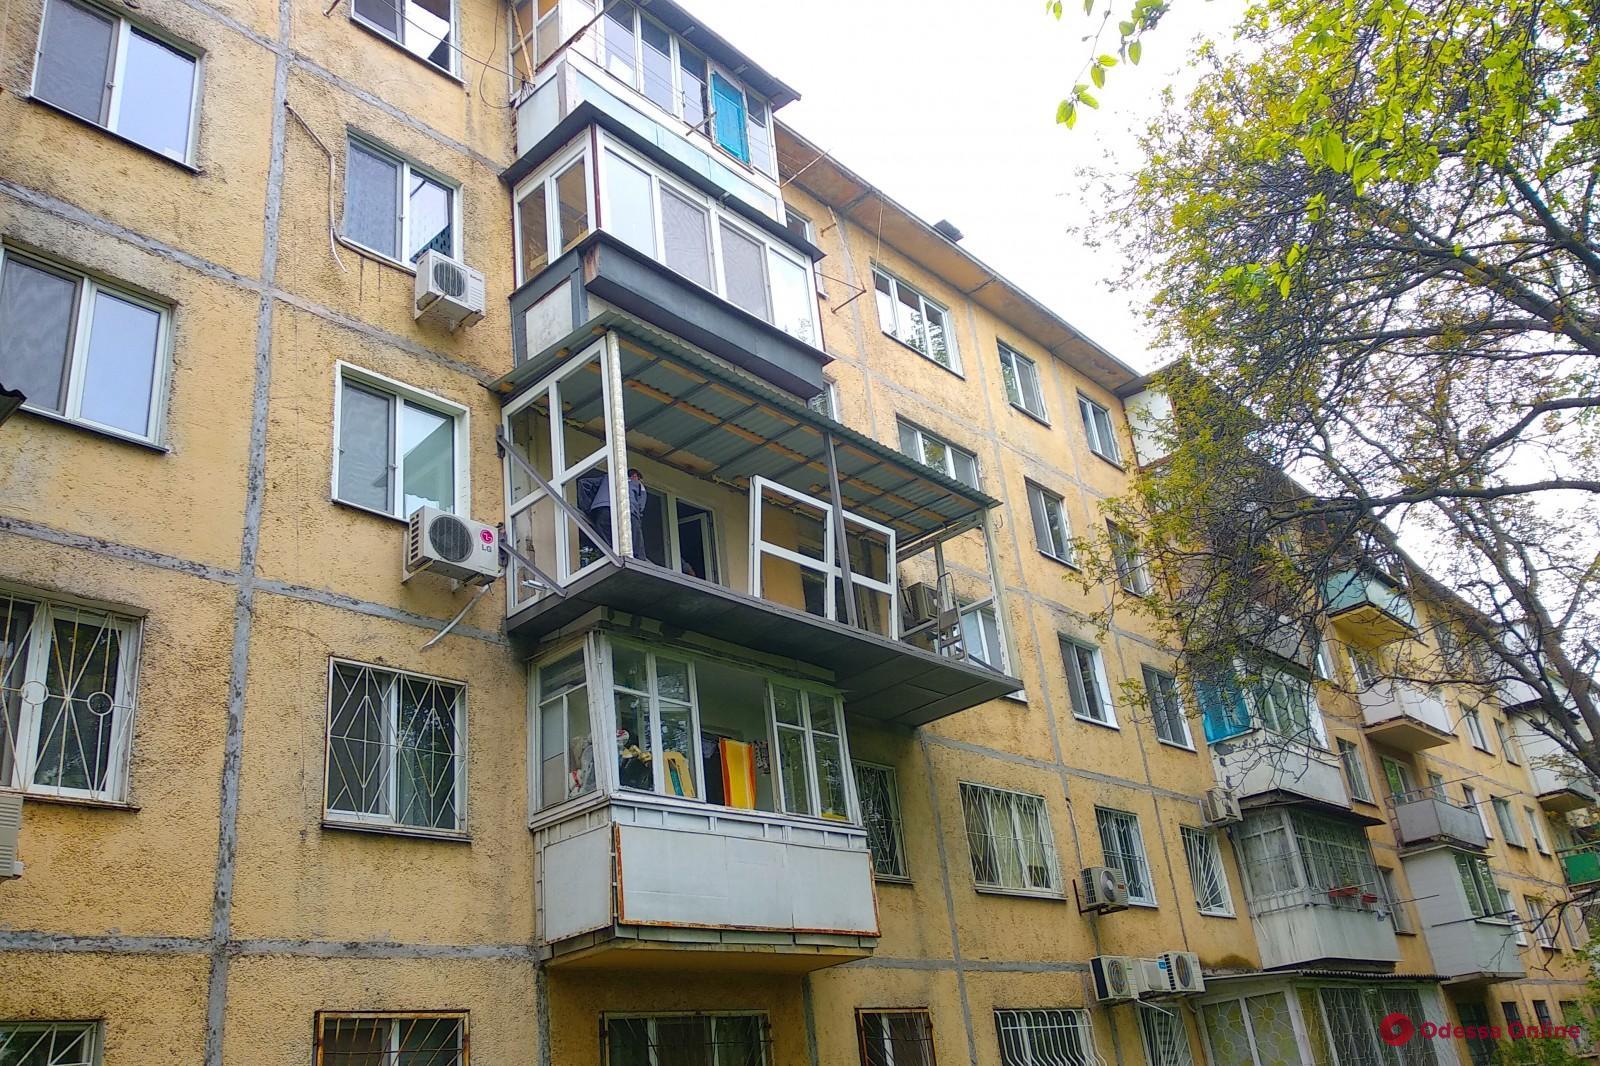 Одесса: ГАСК оштрафовал застройщиков на 309 тысяч